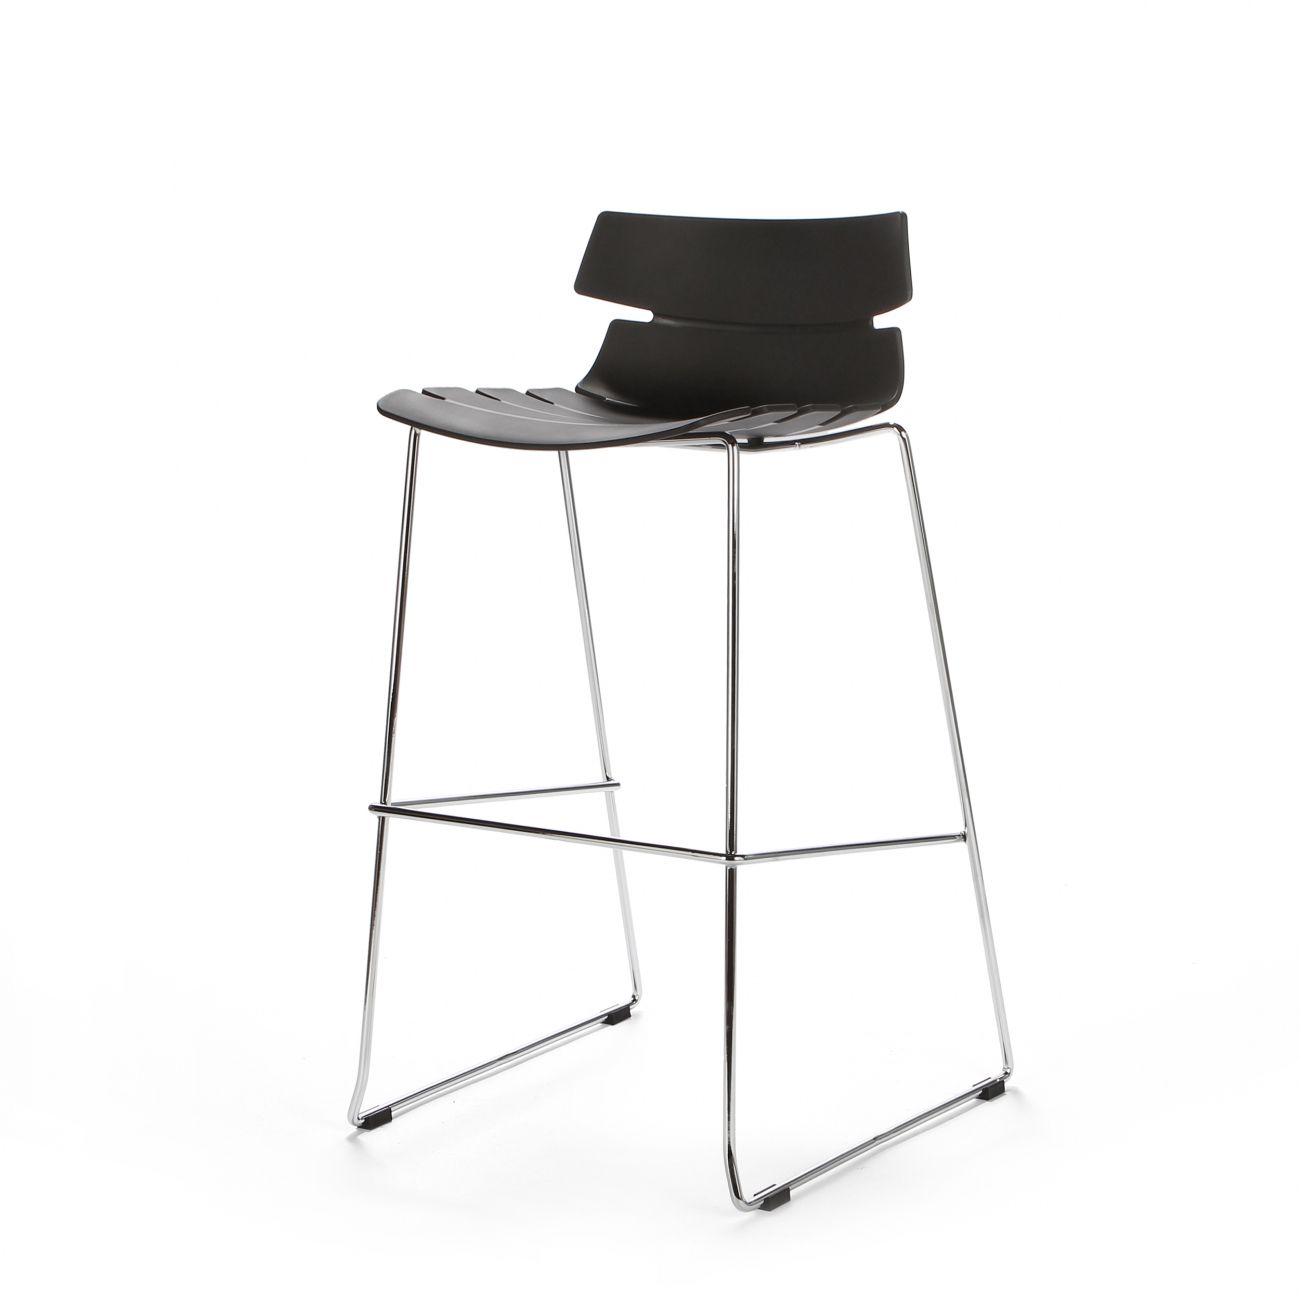 Купить Барный стул Techno Чёрный в интернет магазине дизайнерской мебели и аксессуаров для дома и дачи